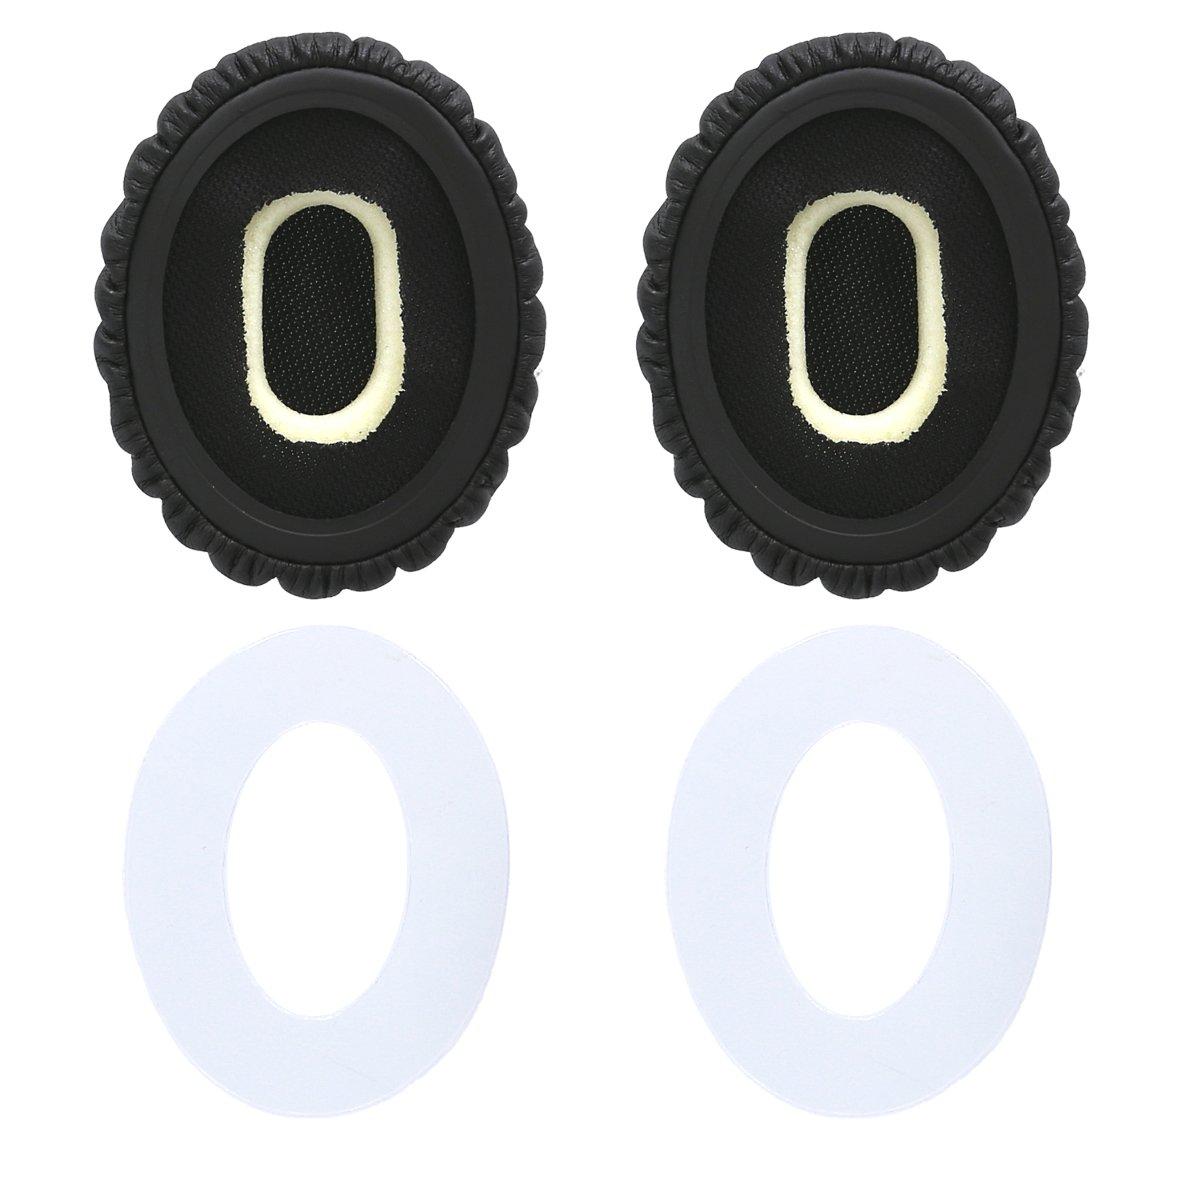 OE2 OE2 kwmobile 2x Auricolari di ricambio per Bose On-Ear Wireless Cuscinetti sostitutivi cuffie Over Ear in similpelle per Headphones On-Ear Wireless SoundTrue OE nero SoundTrue OE